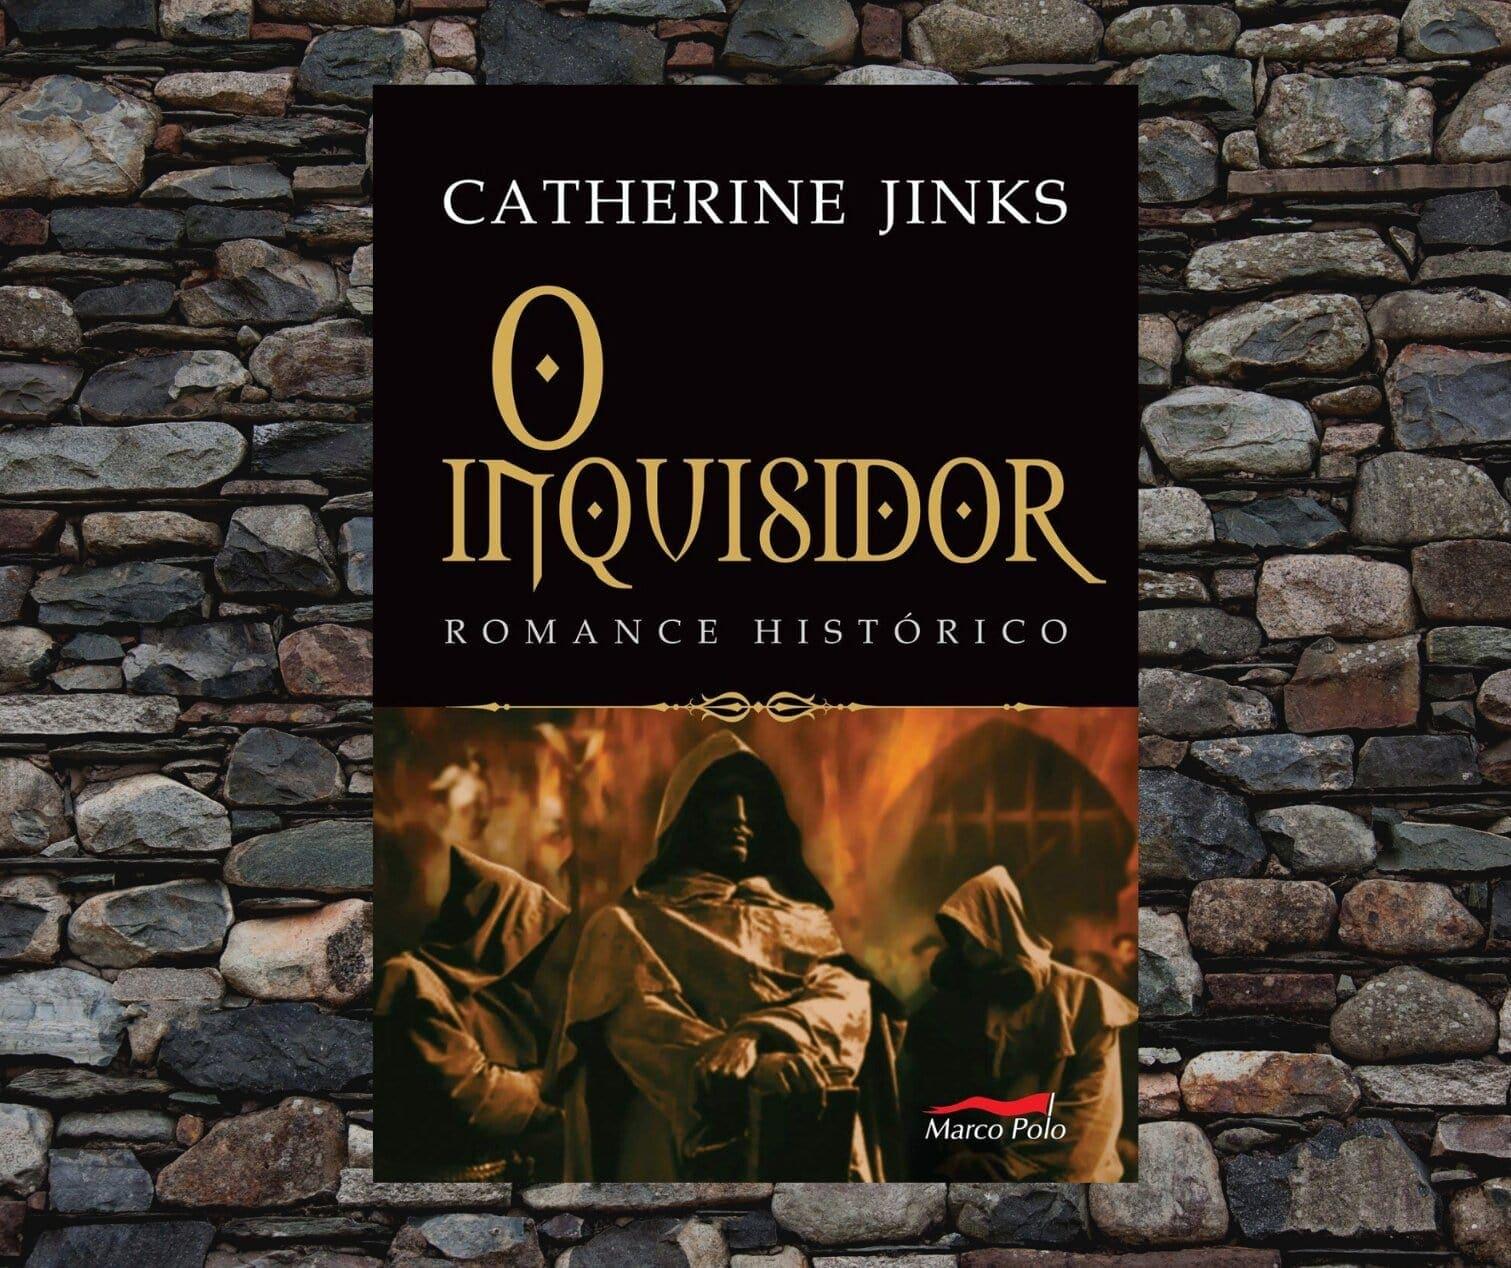 Resenha: O inquisidor, de Catherine Jinks